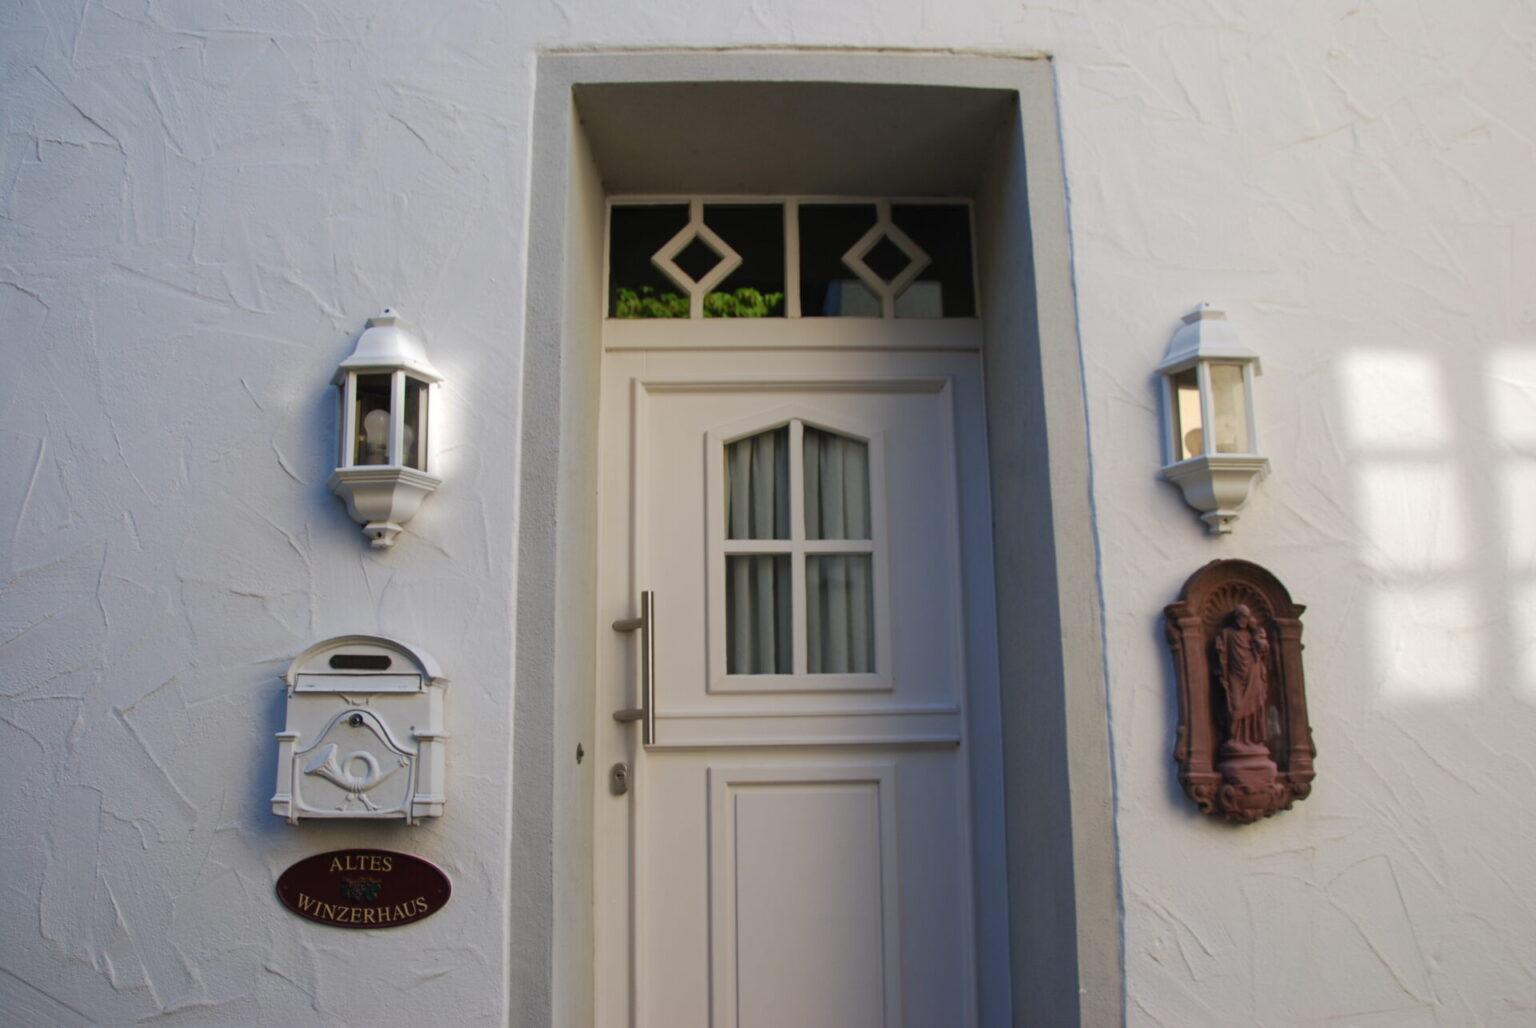 Ferienhaus Altes Winzerhaus Eingang